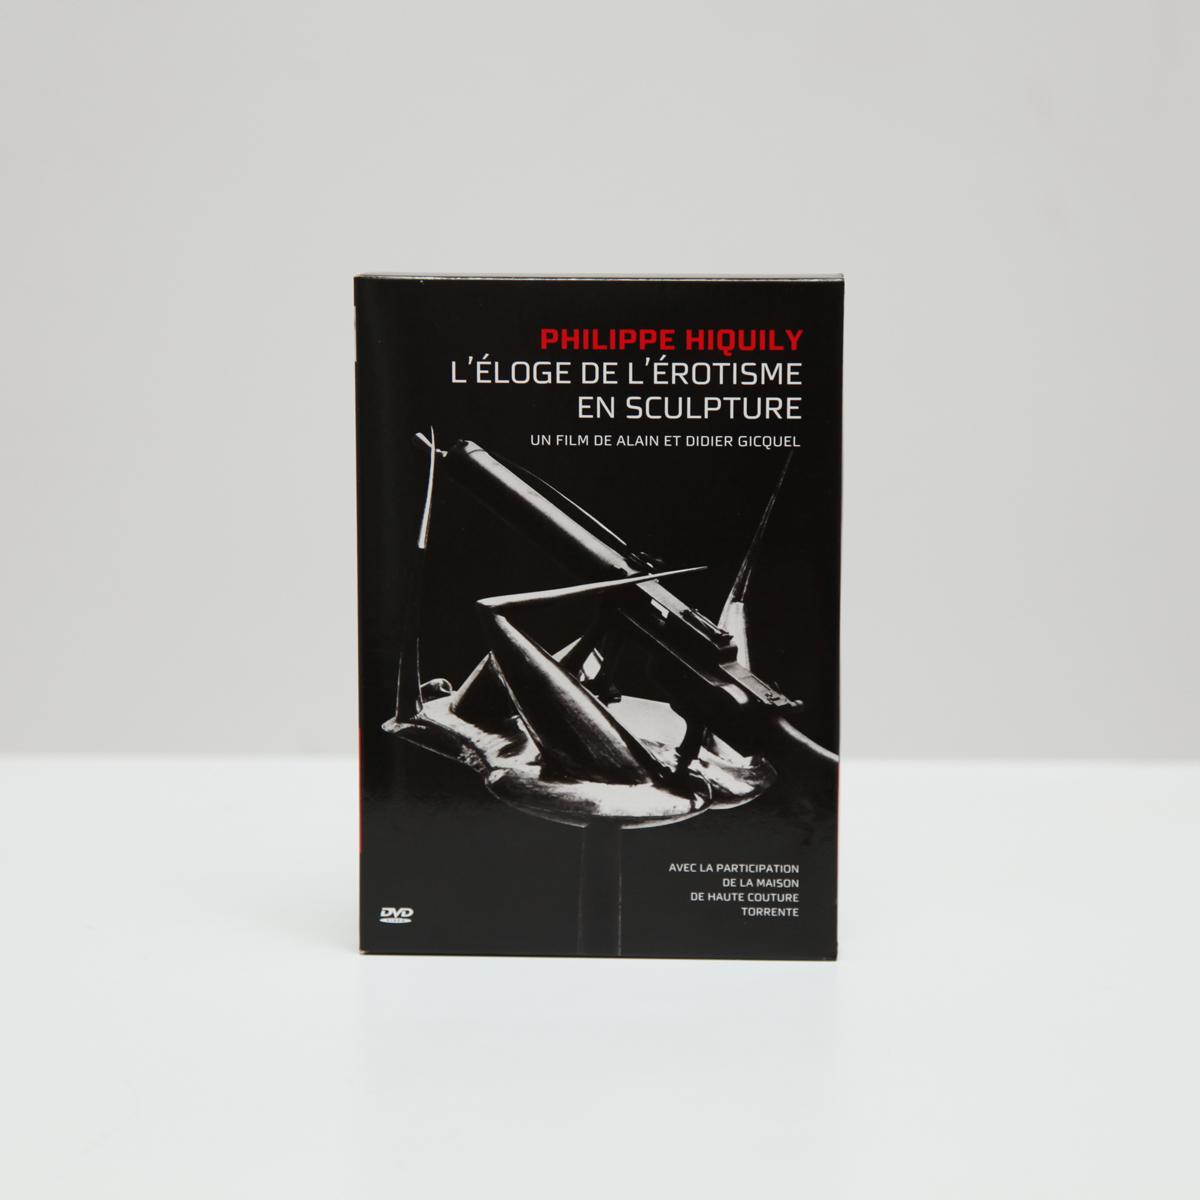 DVD, PHILIPPE HIQUILY, L'ÉLOGE DE L'ÉROTISME EN SCULPTURE